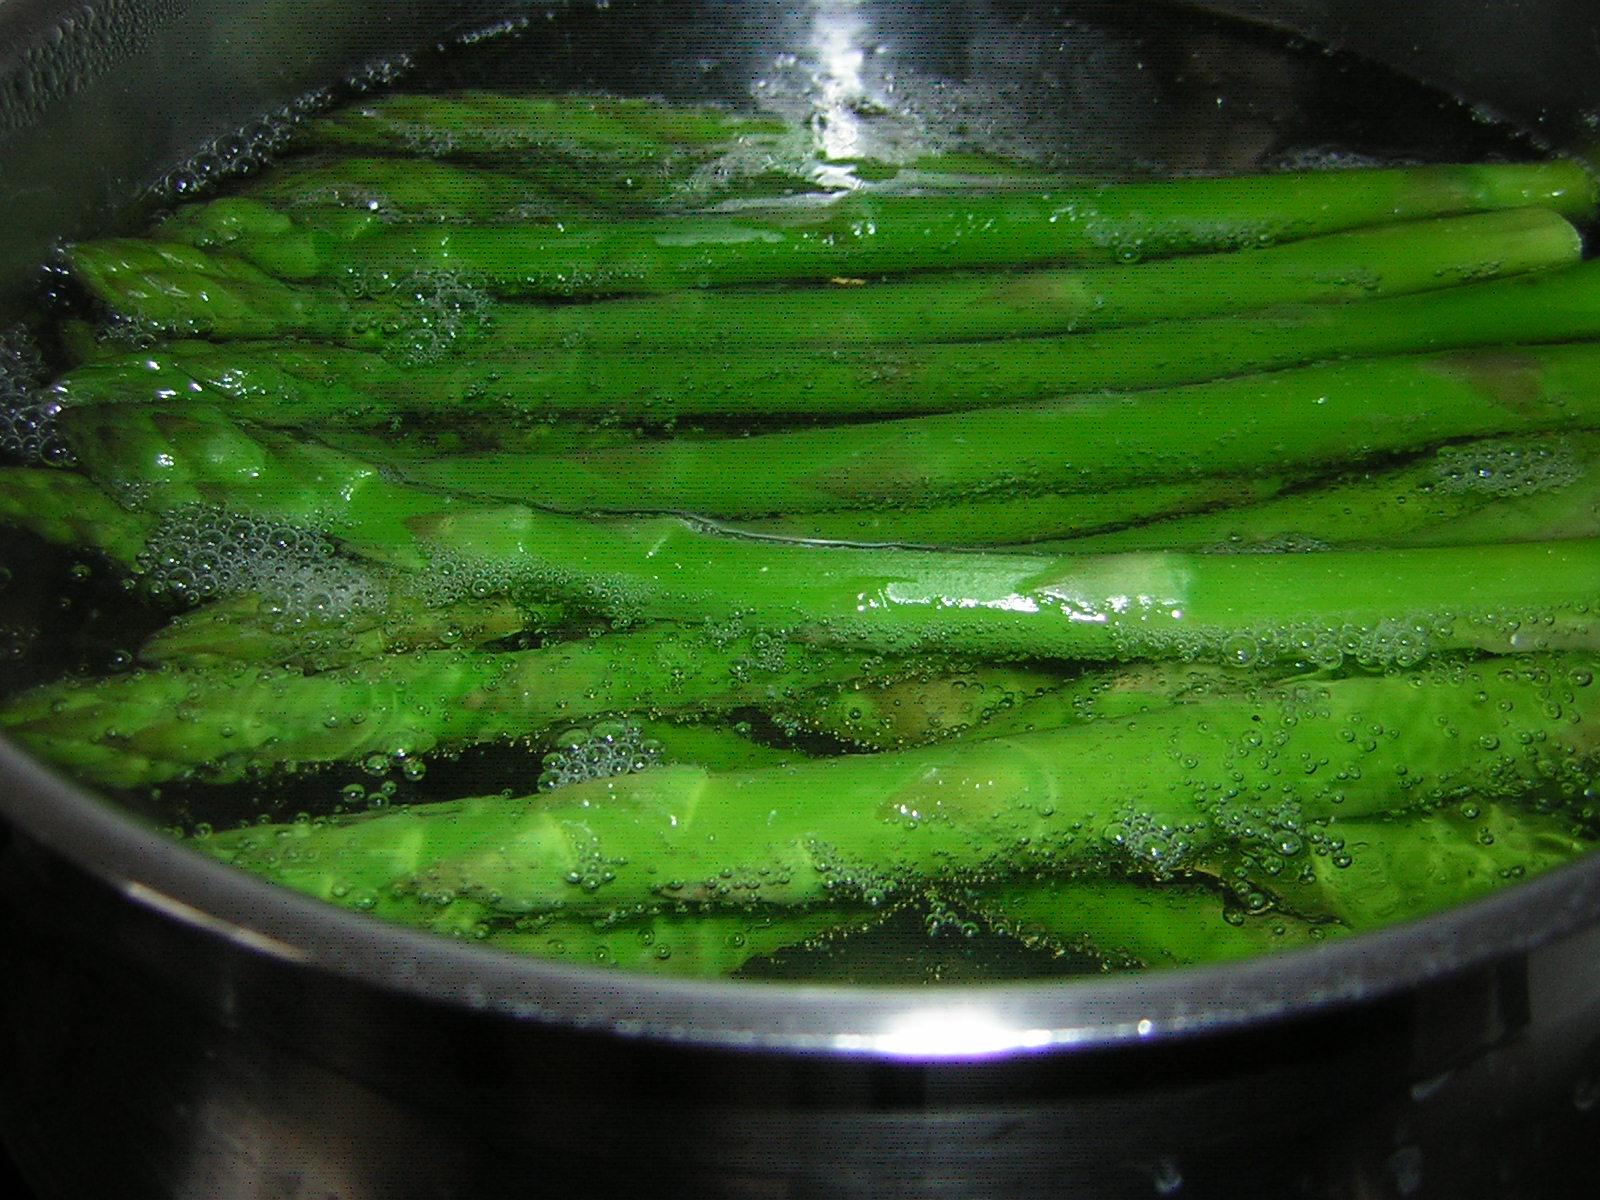 precottura degli asparagi per fare gli asparagi gratinati